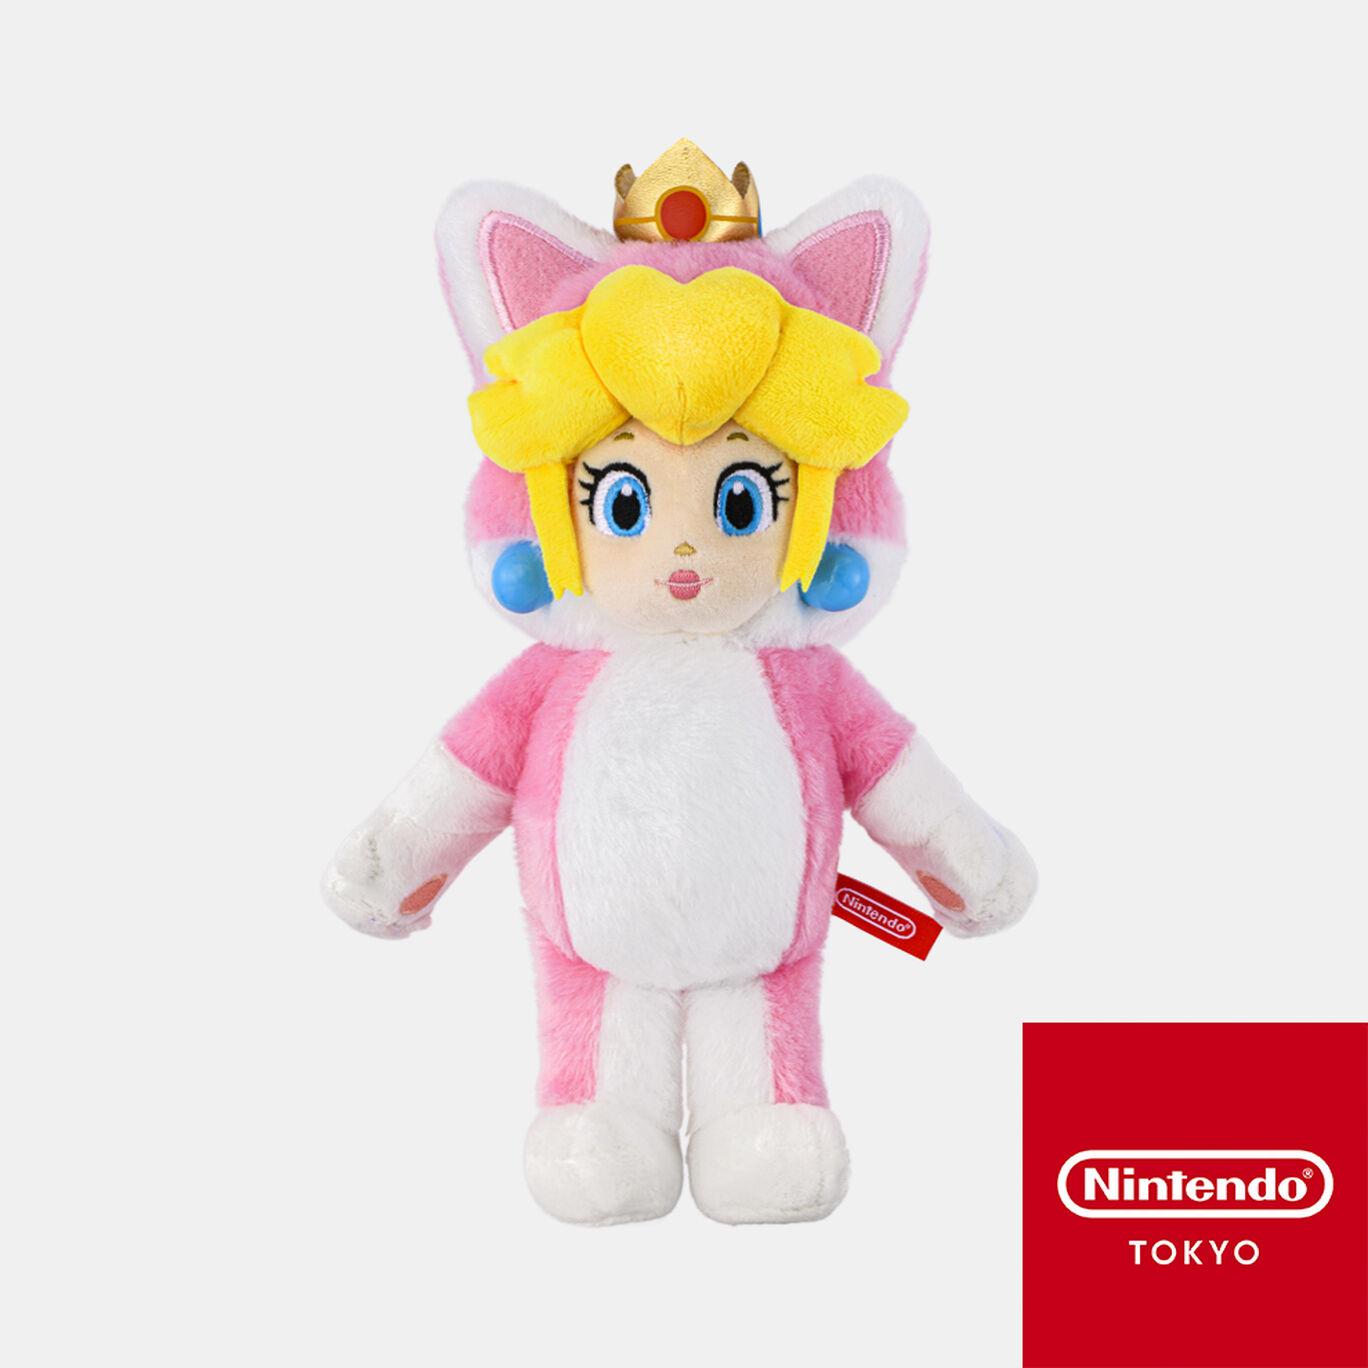 【新商品】マスコット スーパーマリオ ネコピーチ【Nintendo TOKYO取り扱い商品】